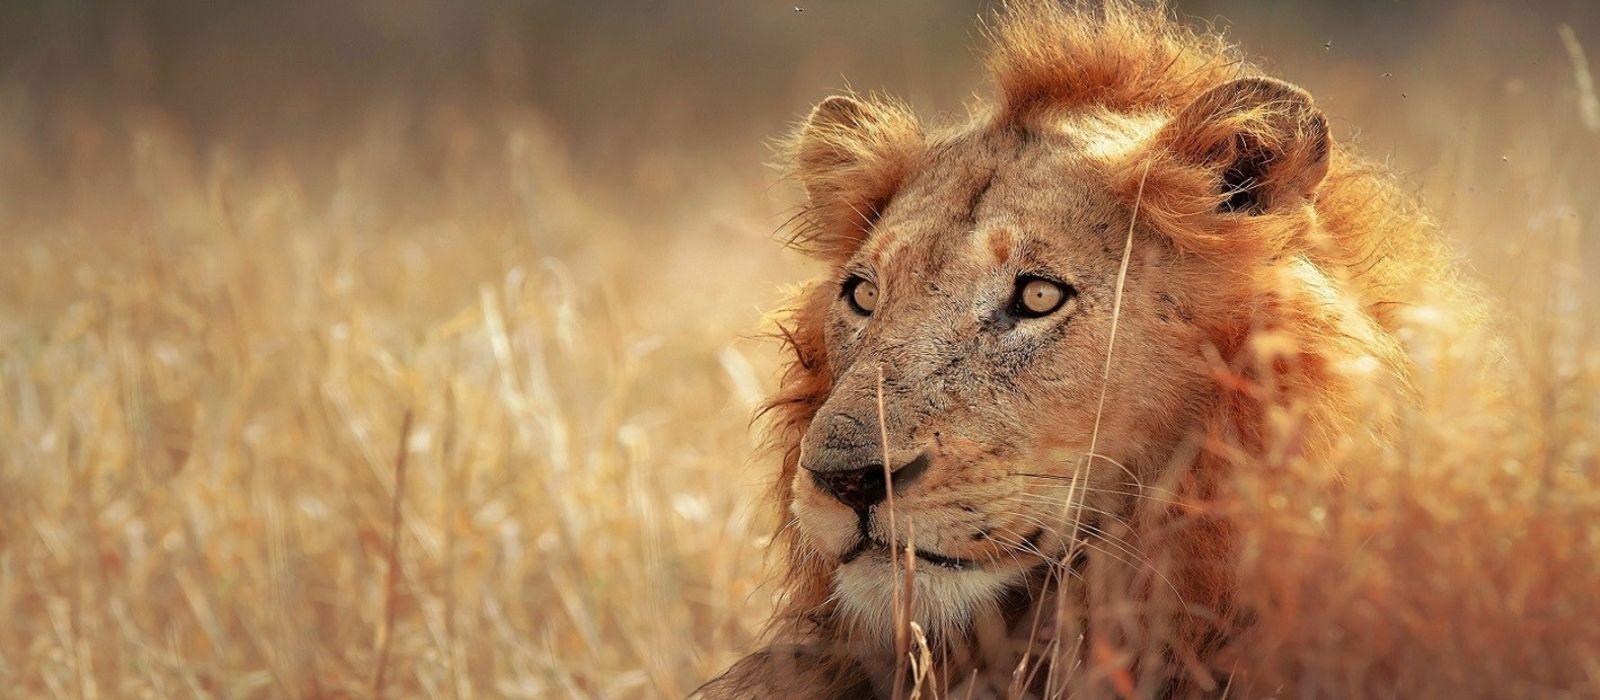 Krüger, Viktoriafälle & Okavango Delta – die Höhepunkte des südlichen Afrika Urlaub 2